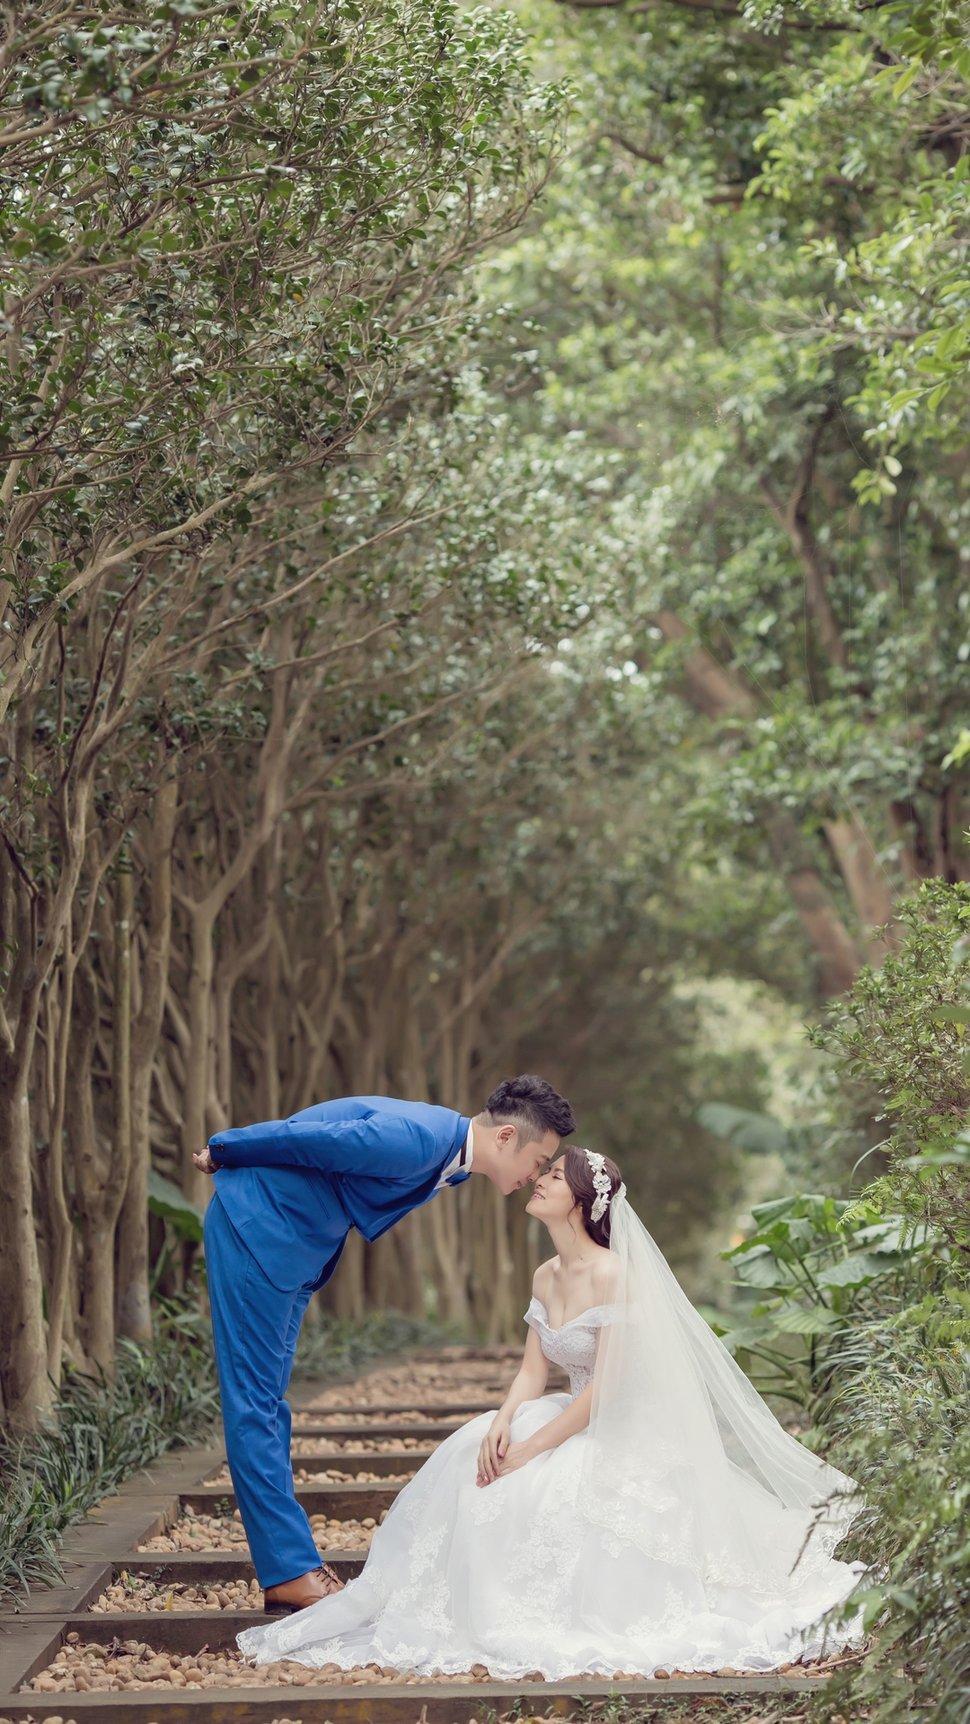 1+1手工婚紗 (7) - 1+1手工婚紗攝影工作室《結婚吧》